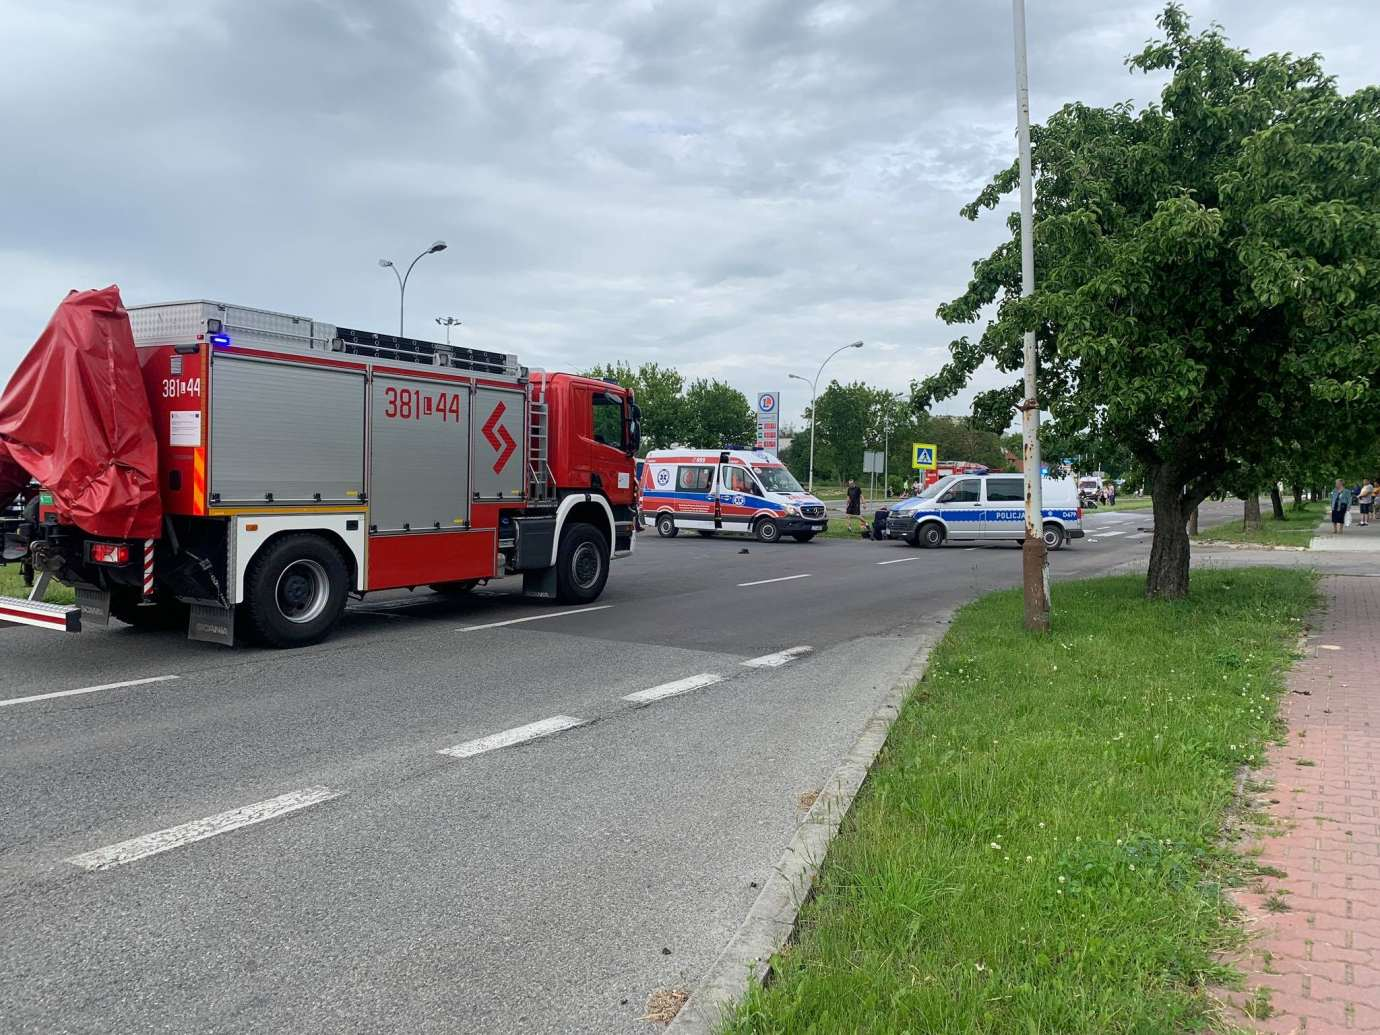 102902852 884895961978392 6745524386576571023 n Ku przestrodze publikujemy nagranie WIDEO z niedzielnego wypadku na Wyszyńskiego. Obejrzyjcie jako przestrogę.